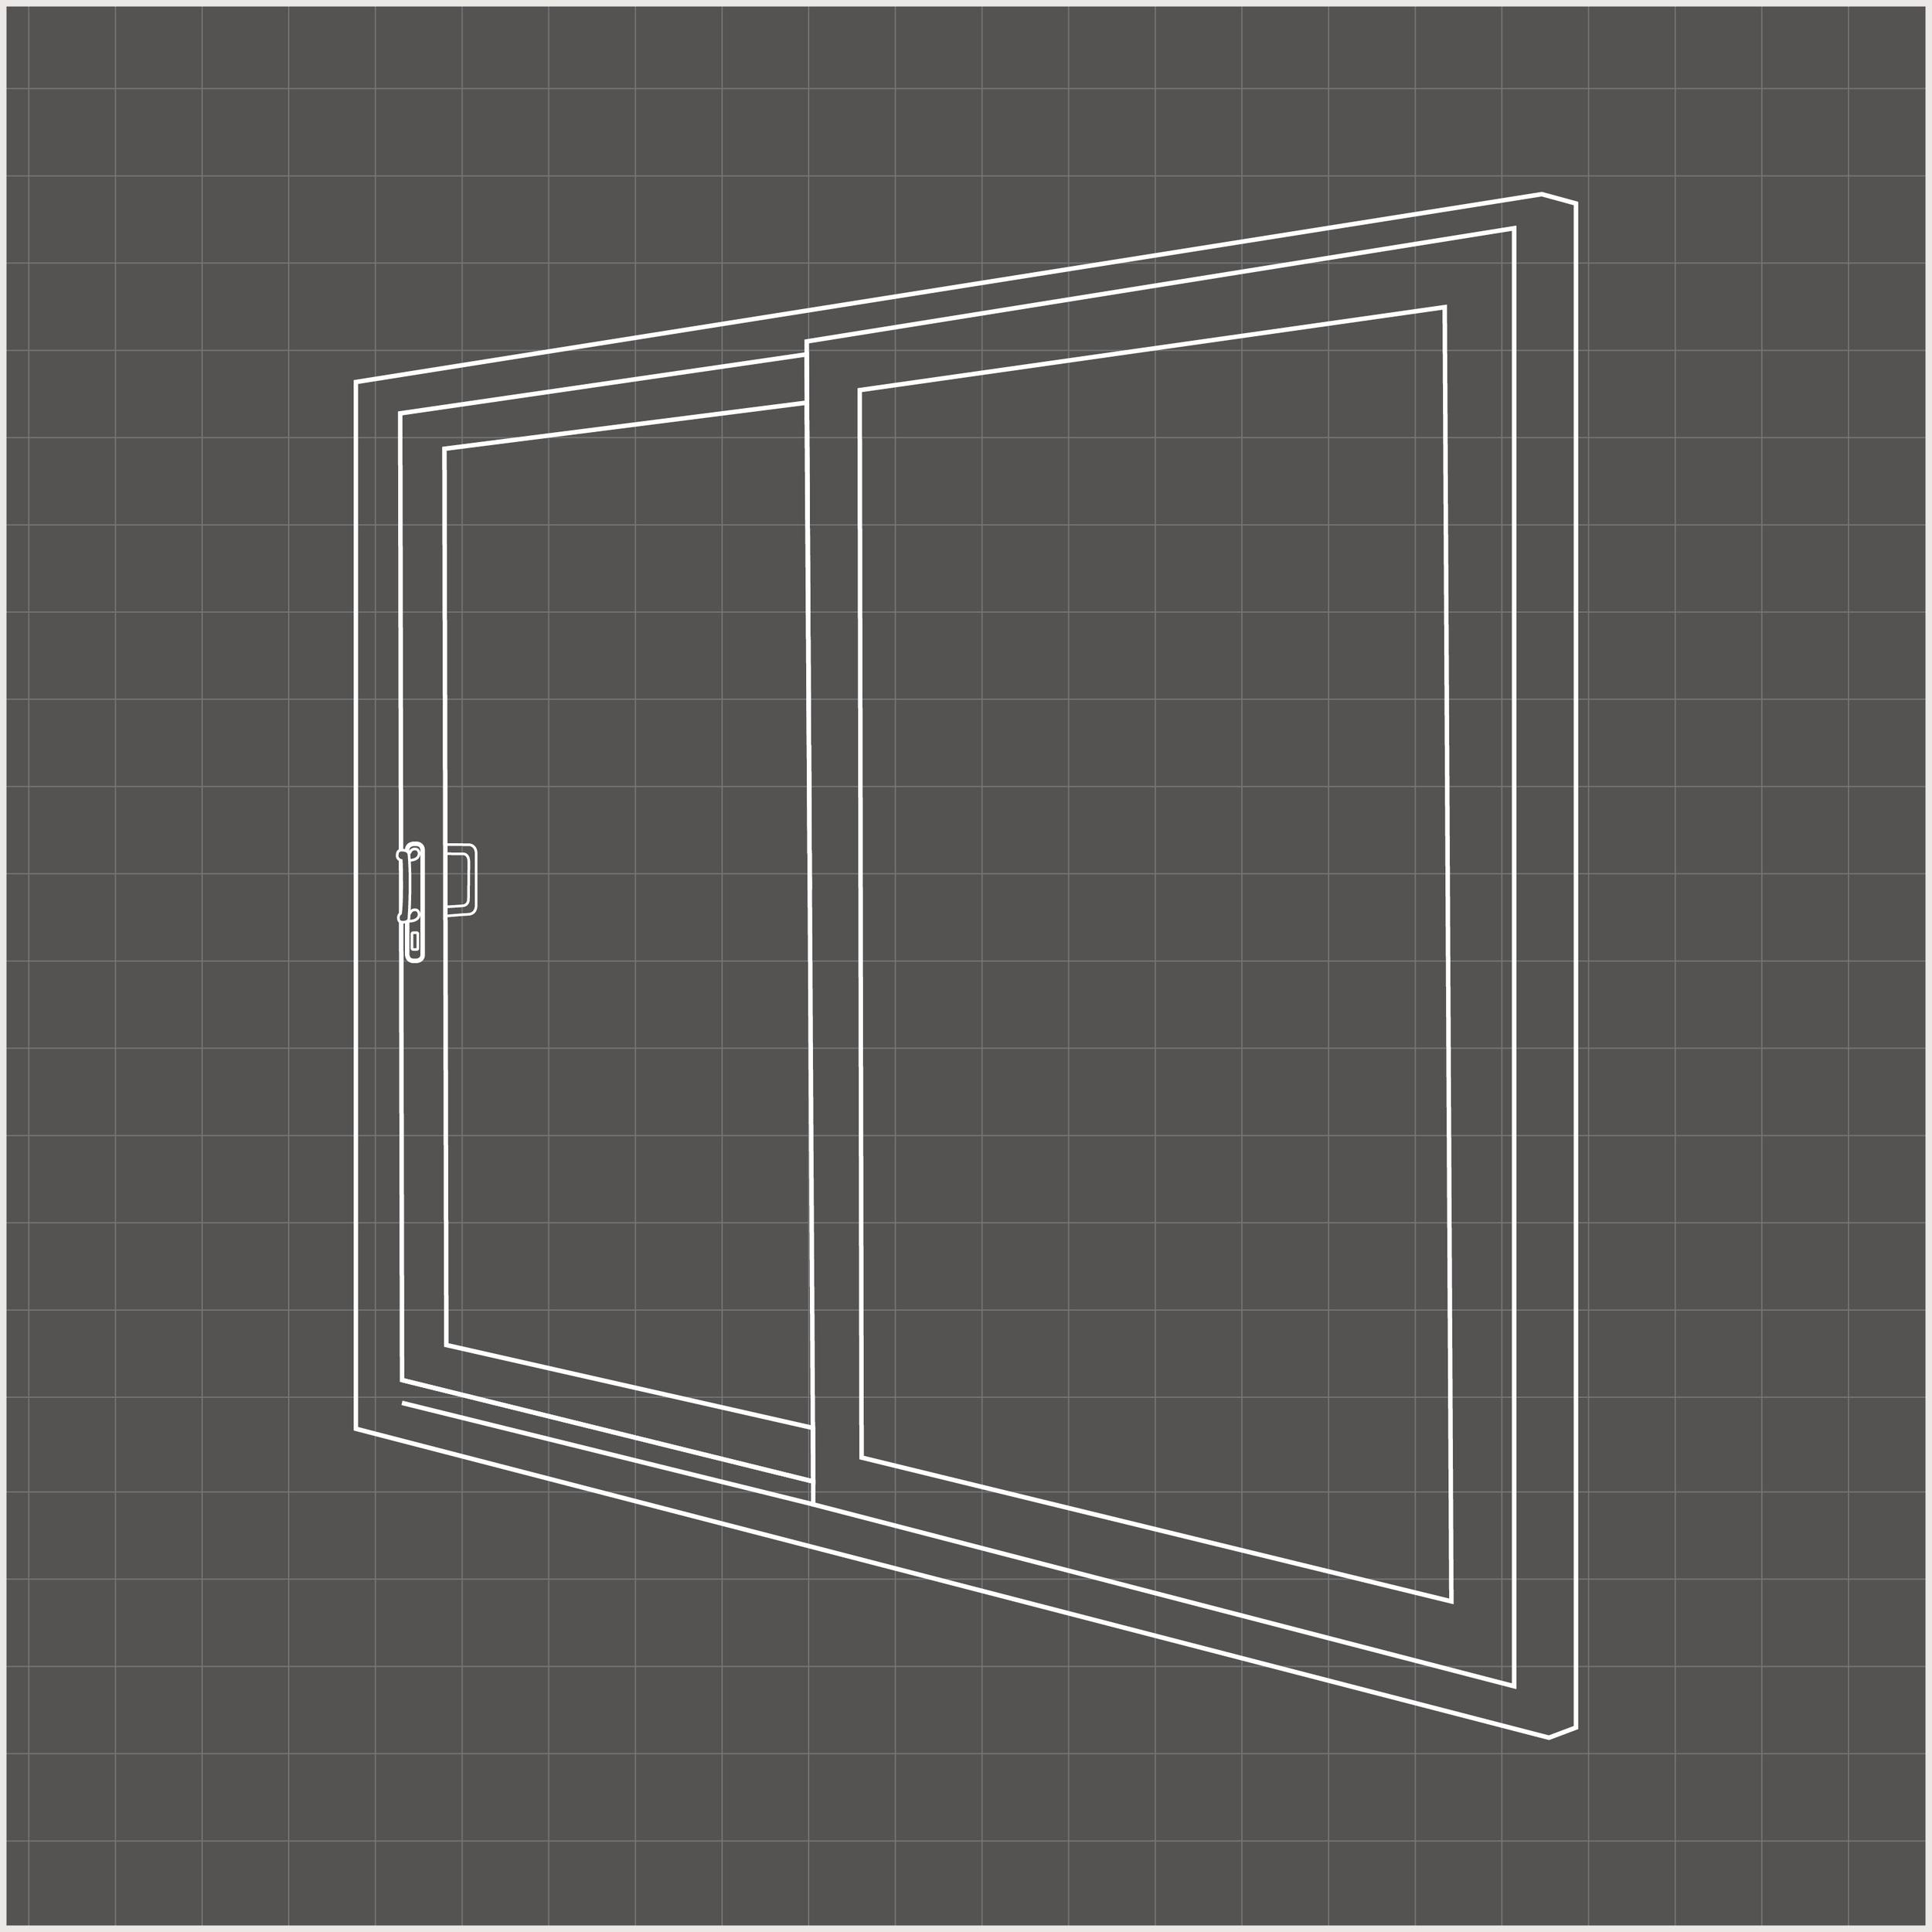 THUMBNAIL - Patio Doors.png